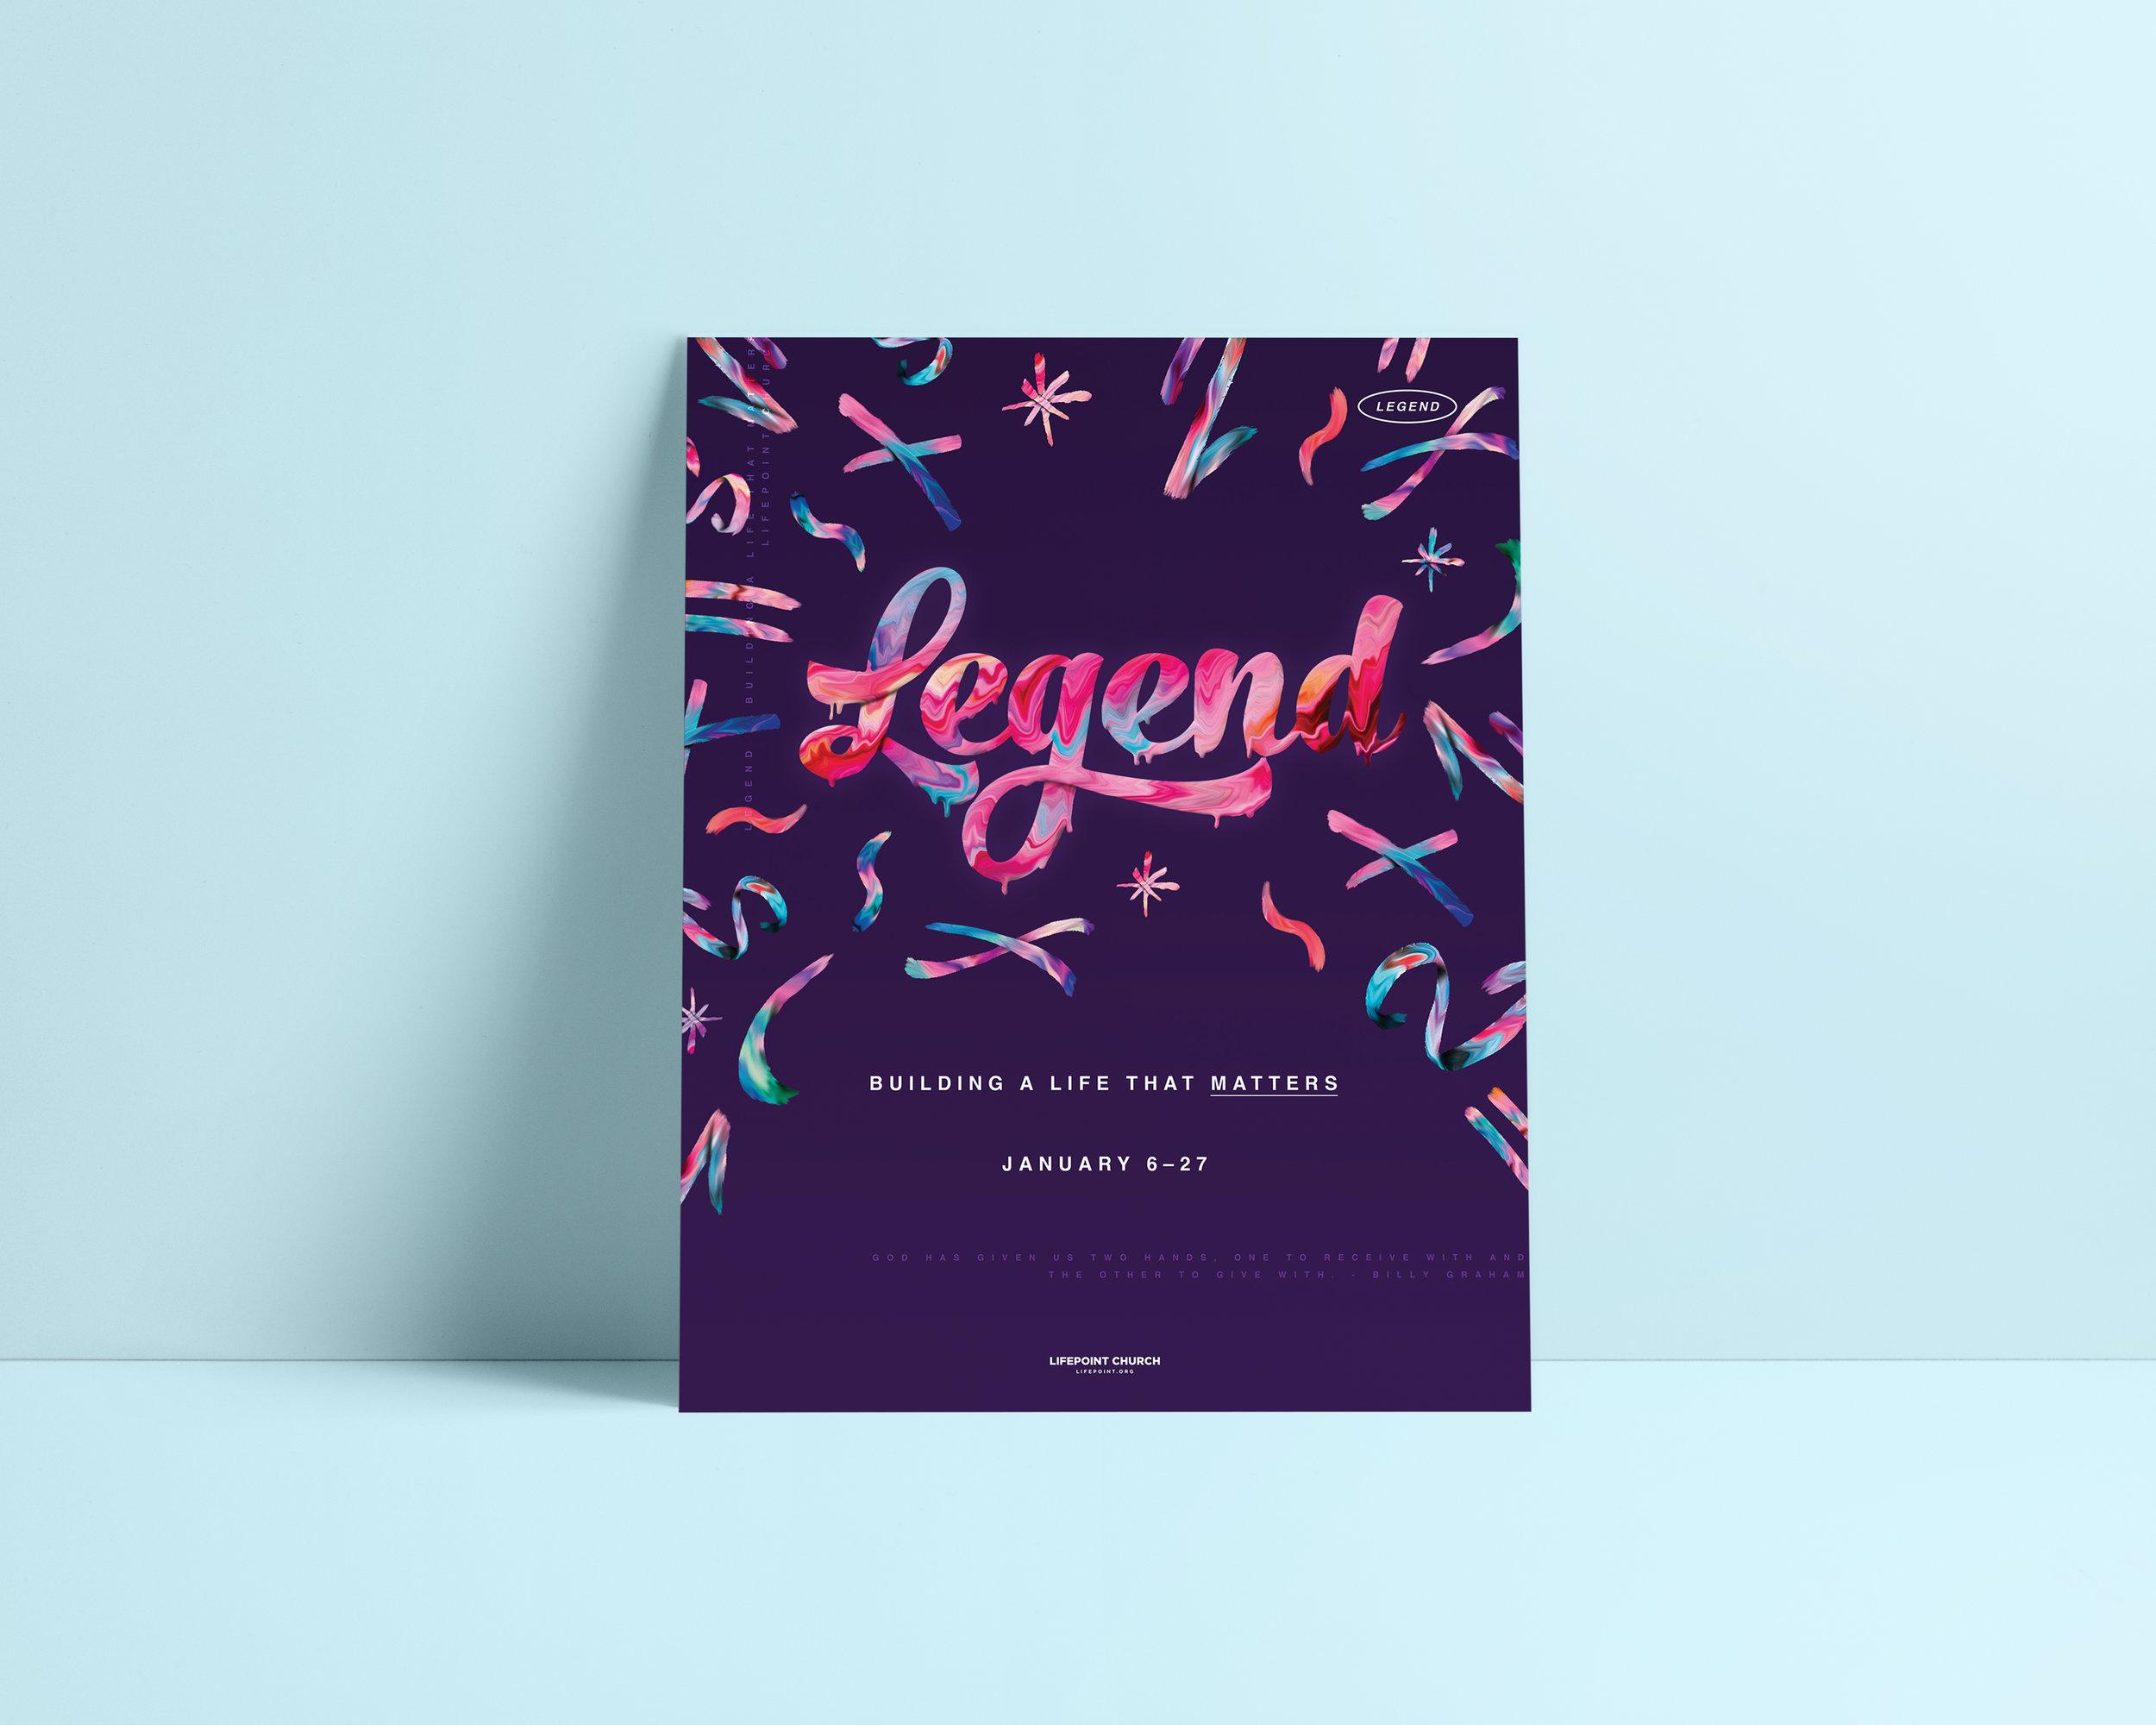 Legend_Poster-Mockup.jpg